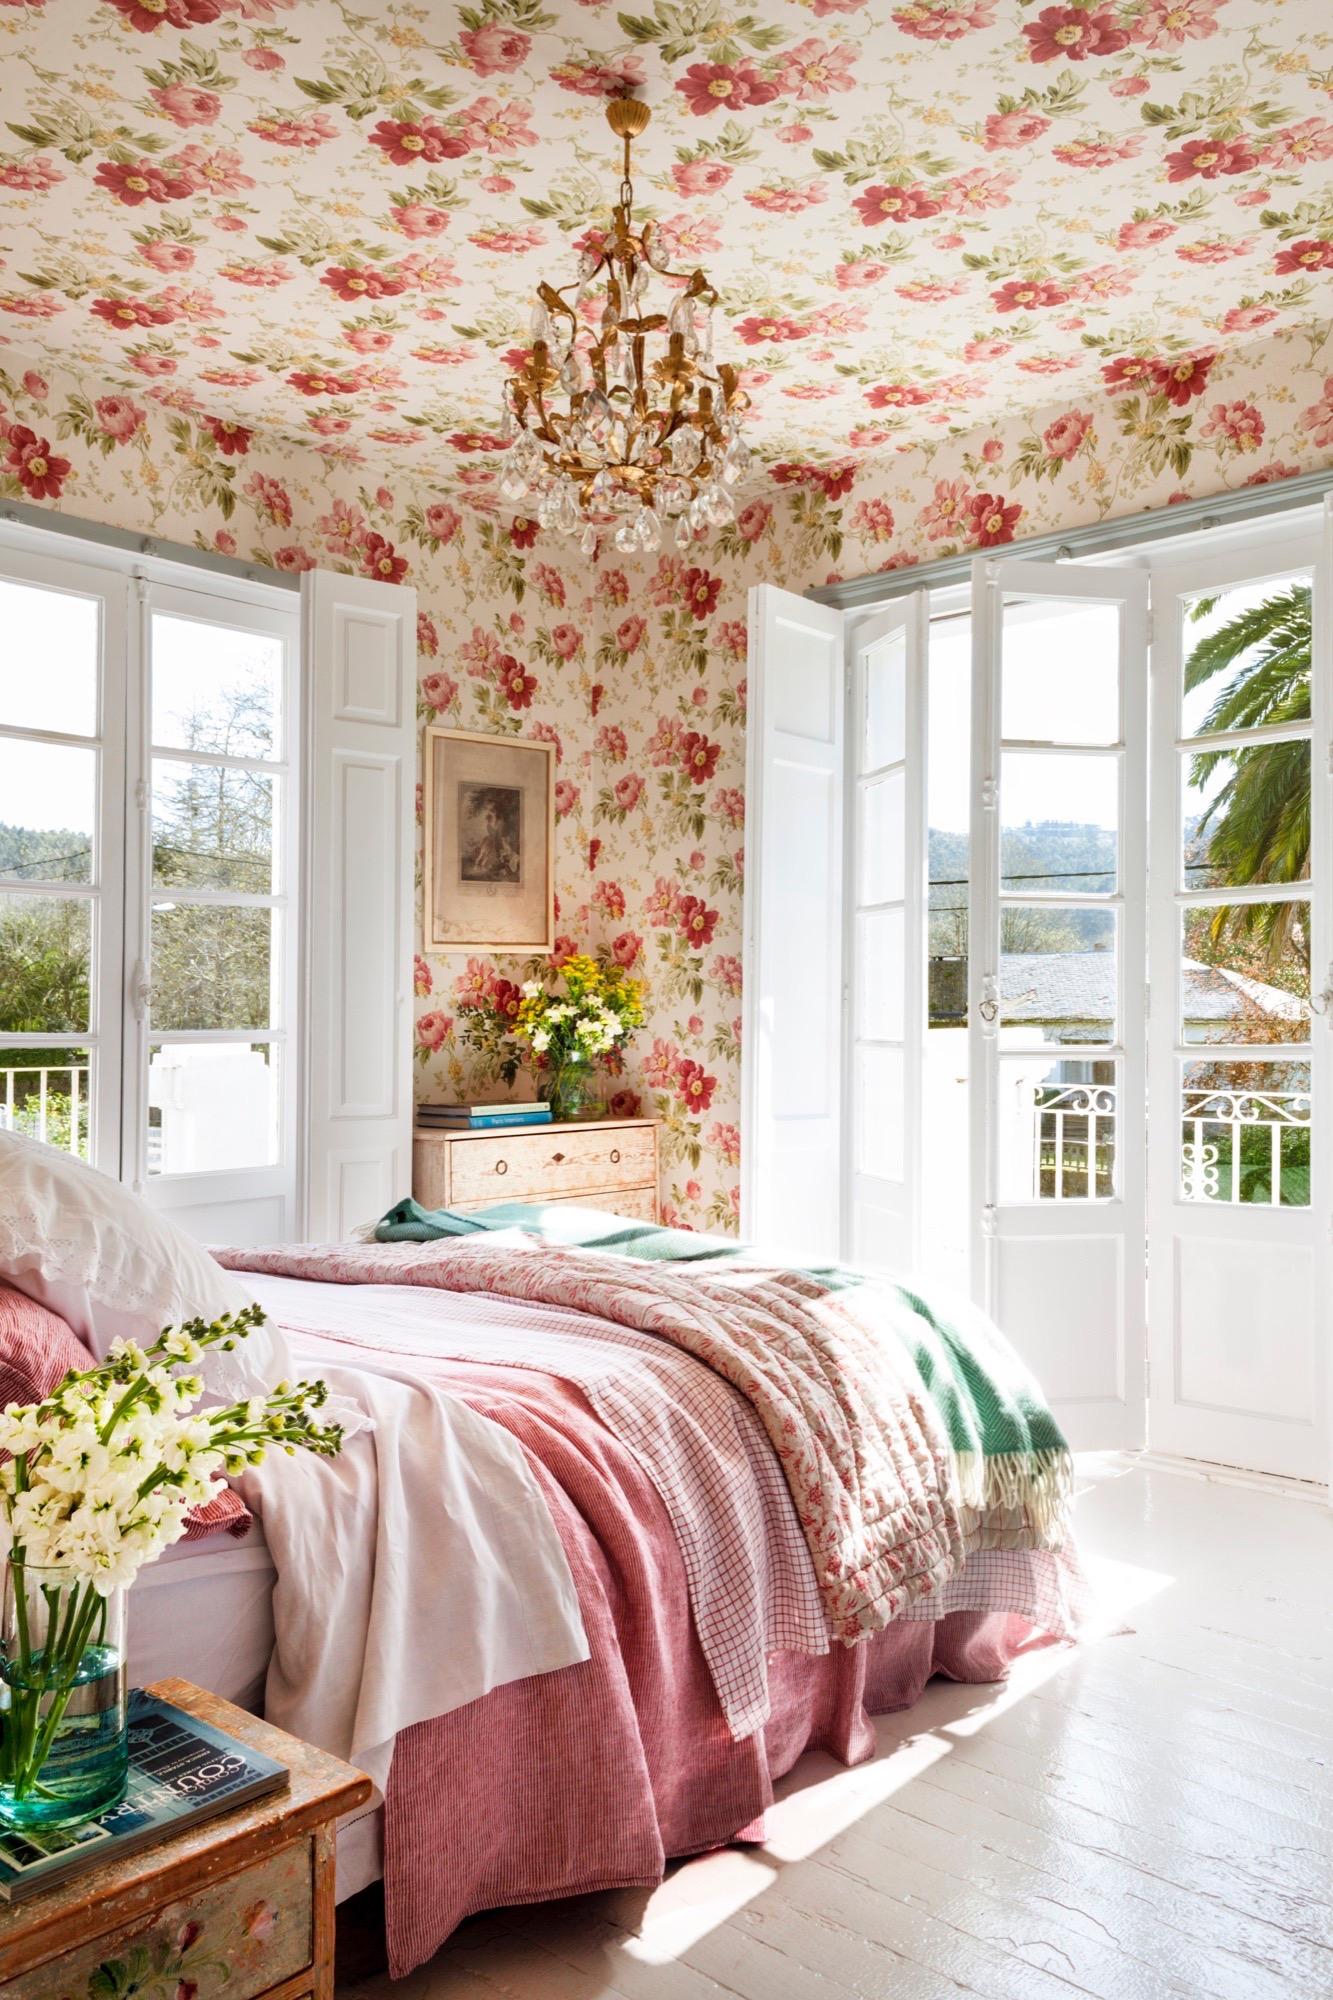 dormitorio con papel pintado de flores incluso en el techo en casa de federica&co en novales